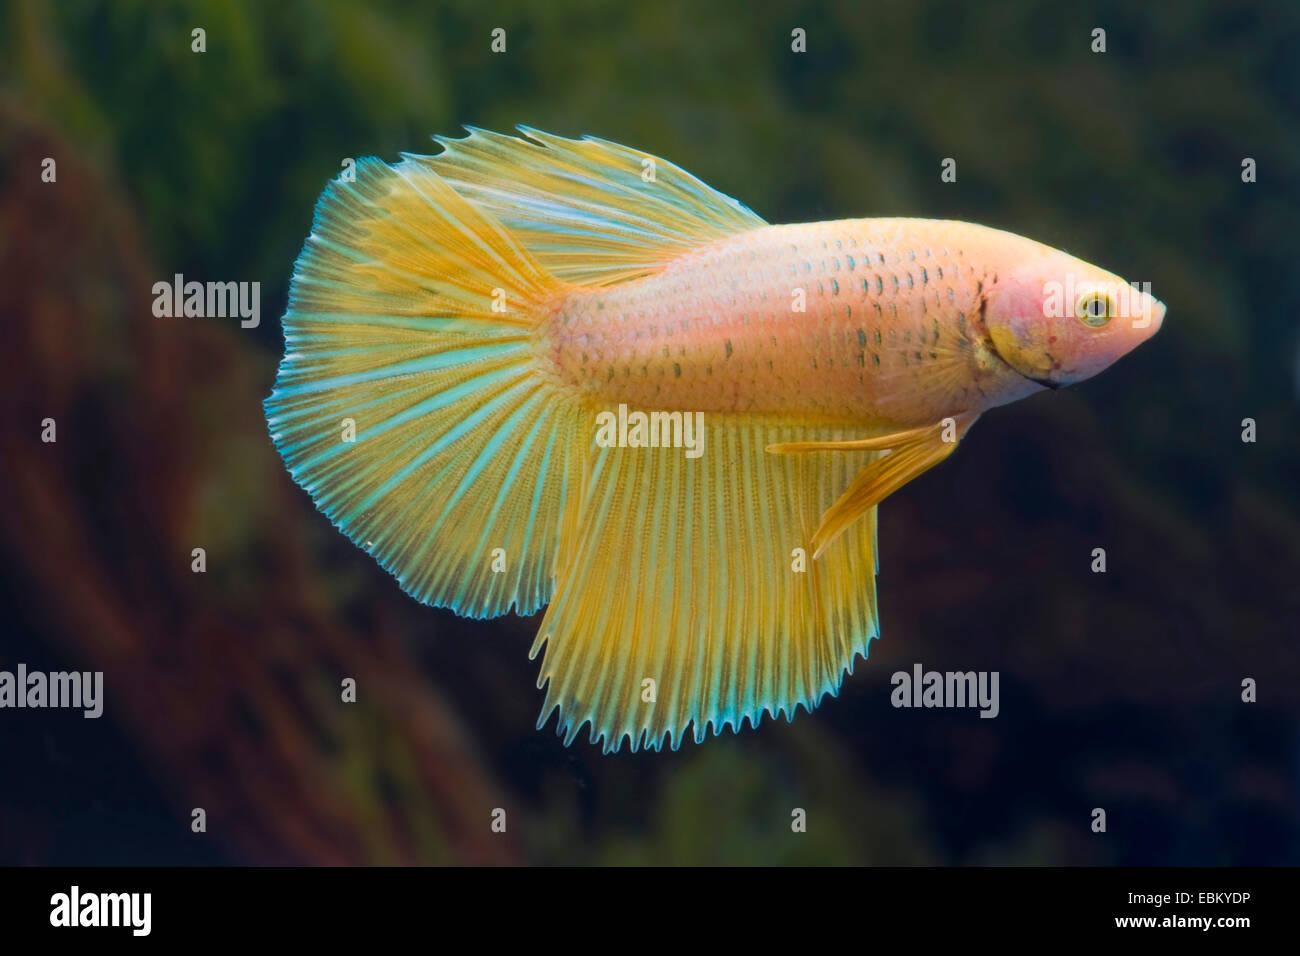 La lucha contra los peces siameses, Siameses fighter (Betta splendens), raza albaricoque Imagen De Stock